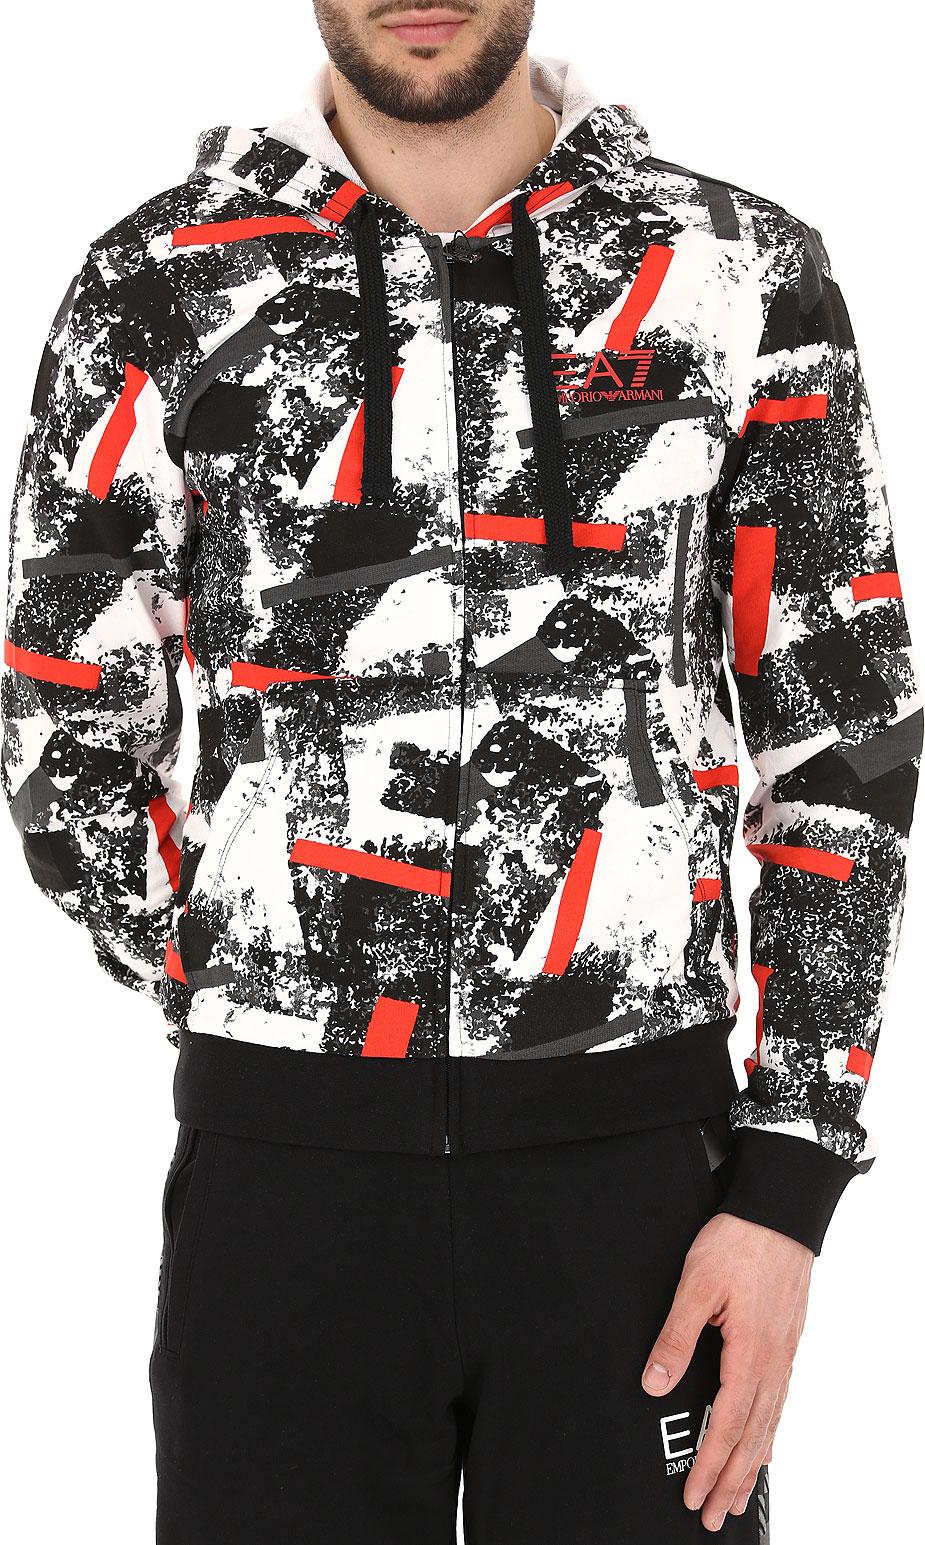 2112 Uomo Abbigliamento Codice Armani Abbigliamento pja5z Articolo Emporio Articolo Uomo Codice 3zpm17 Armani Emporio SqxfOfwUZI